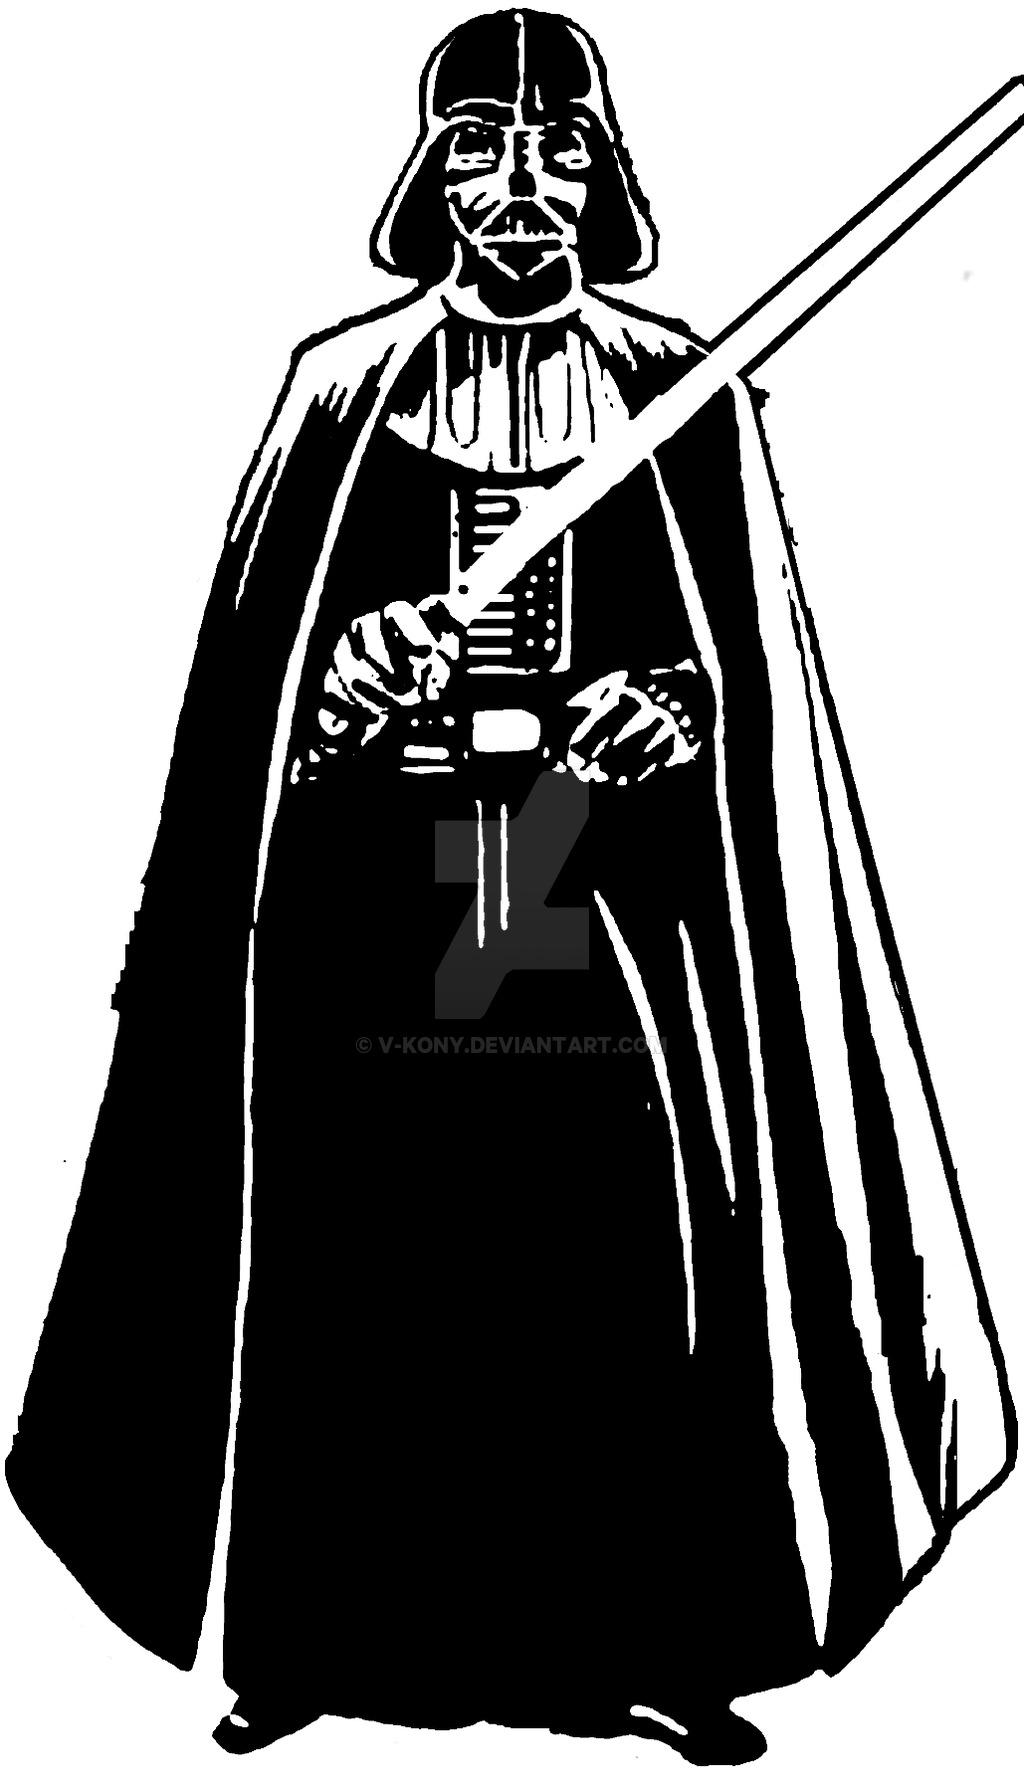 Darth Vader Clip Art - .-Darth Vader Clip Art - .-3